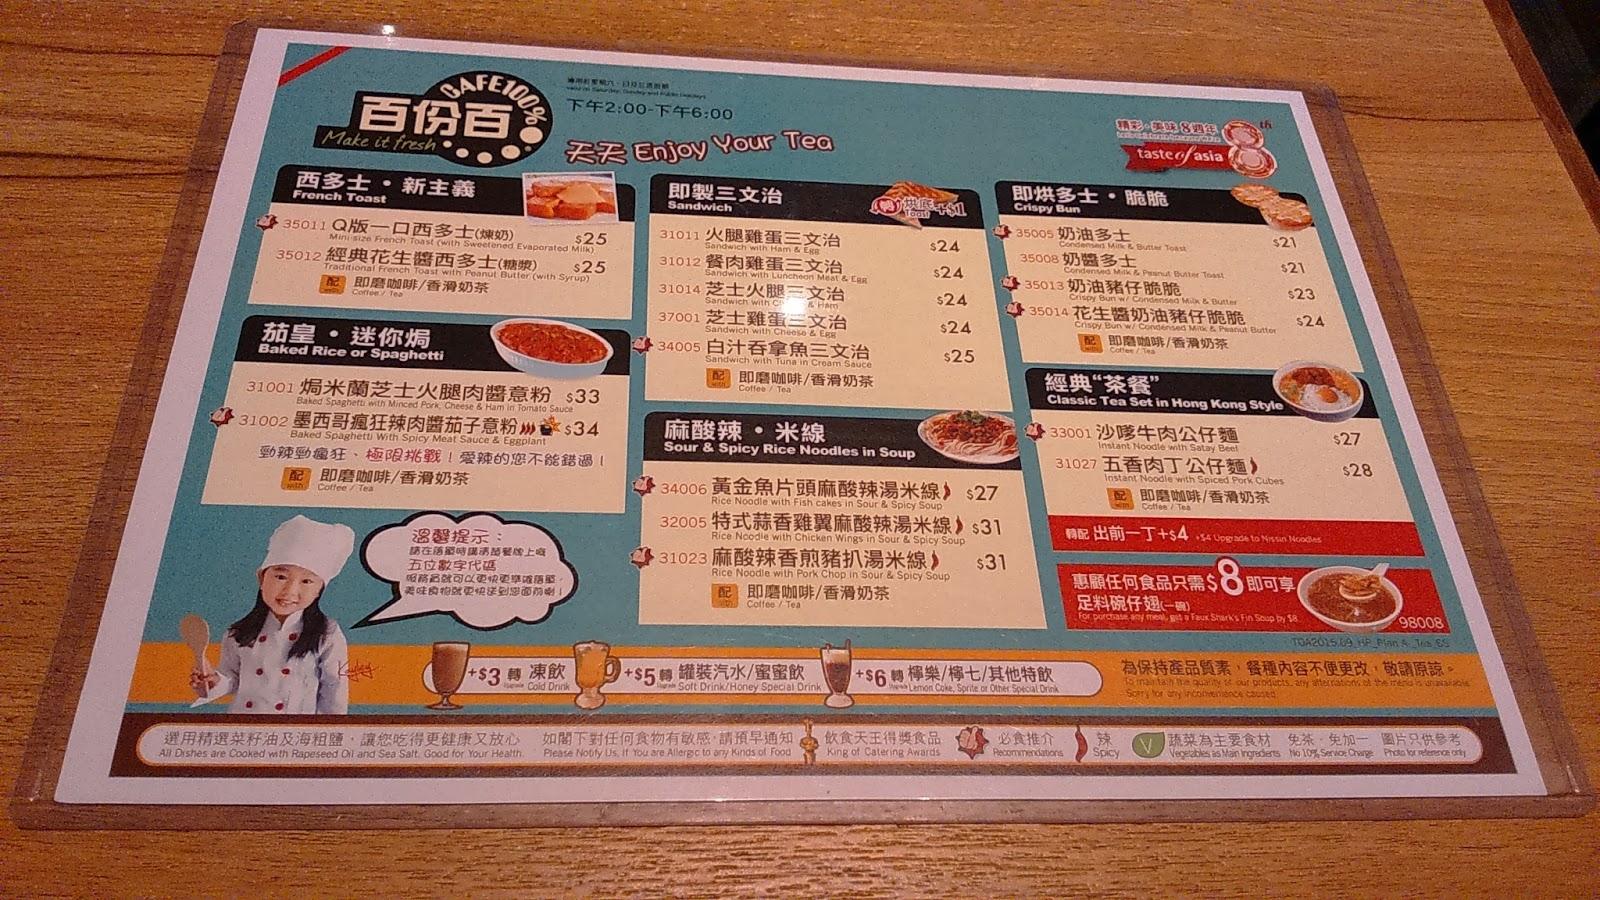 Bonbon 簡約生活空間: 百份百餐廳 抵食假日下午茶